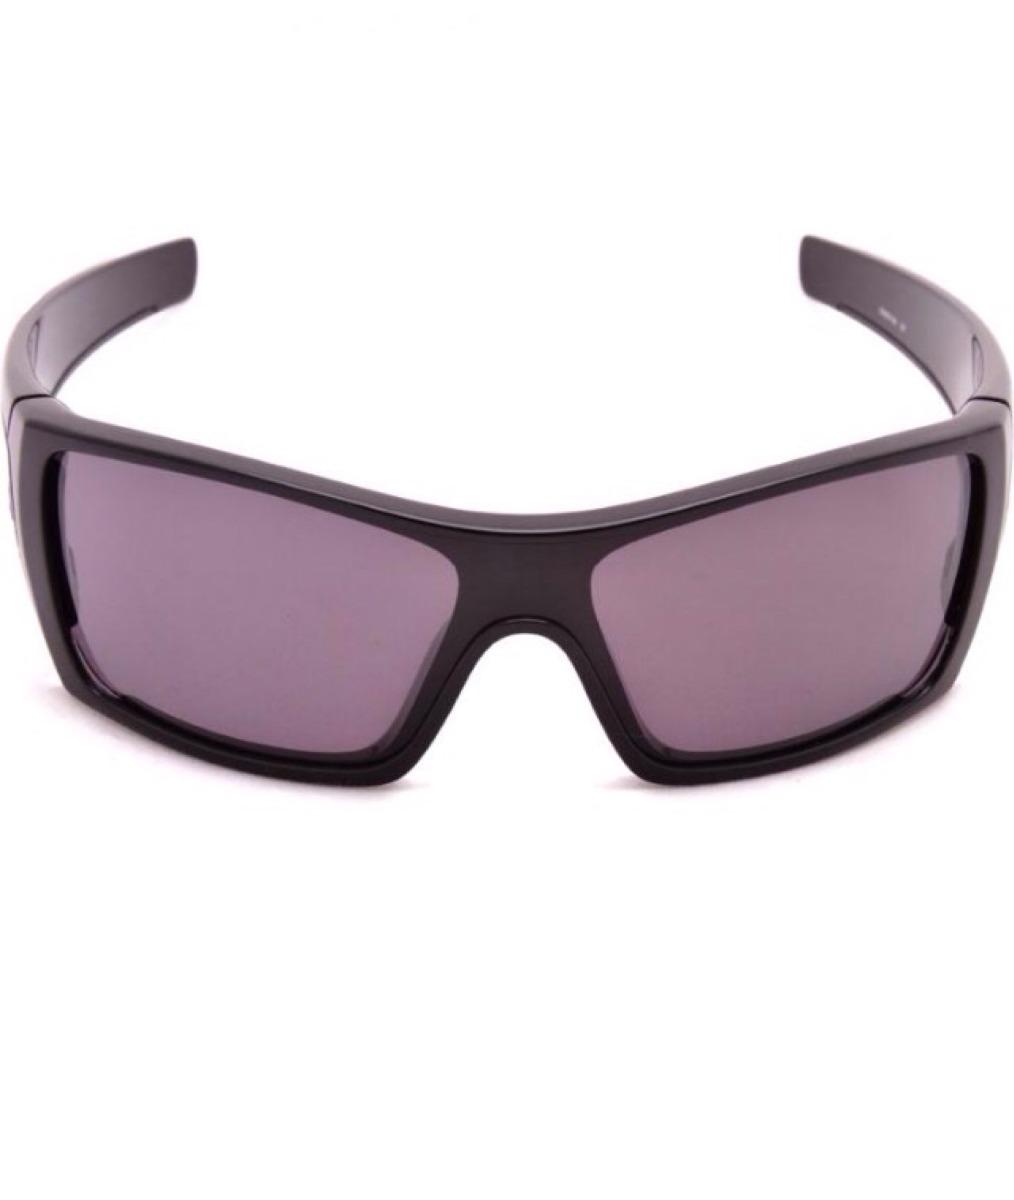 67ad00b446c18 Oculos Oakley Batwolf Preço   Cepar